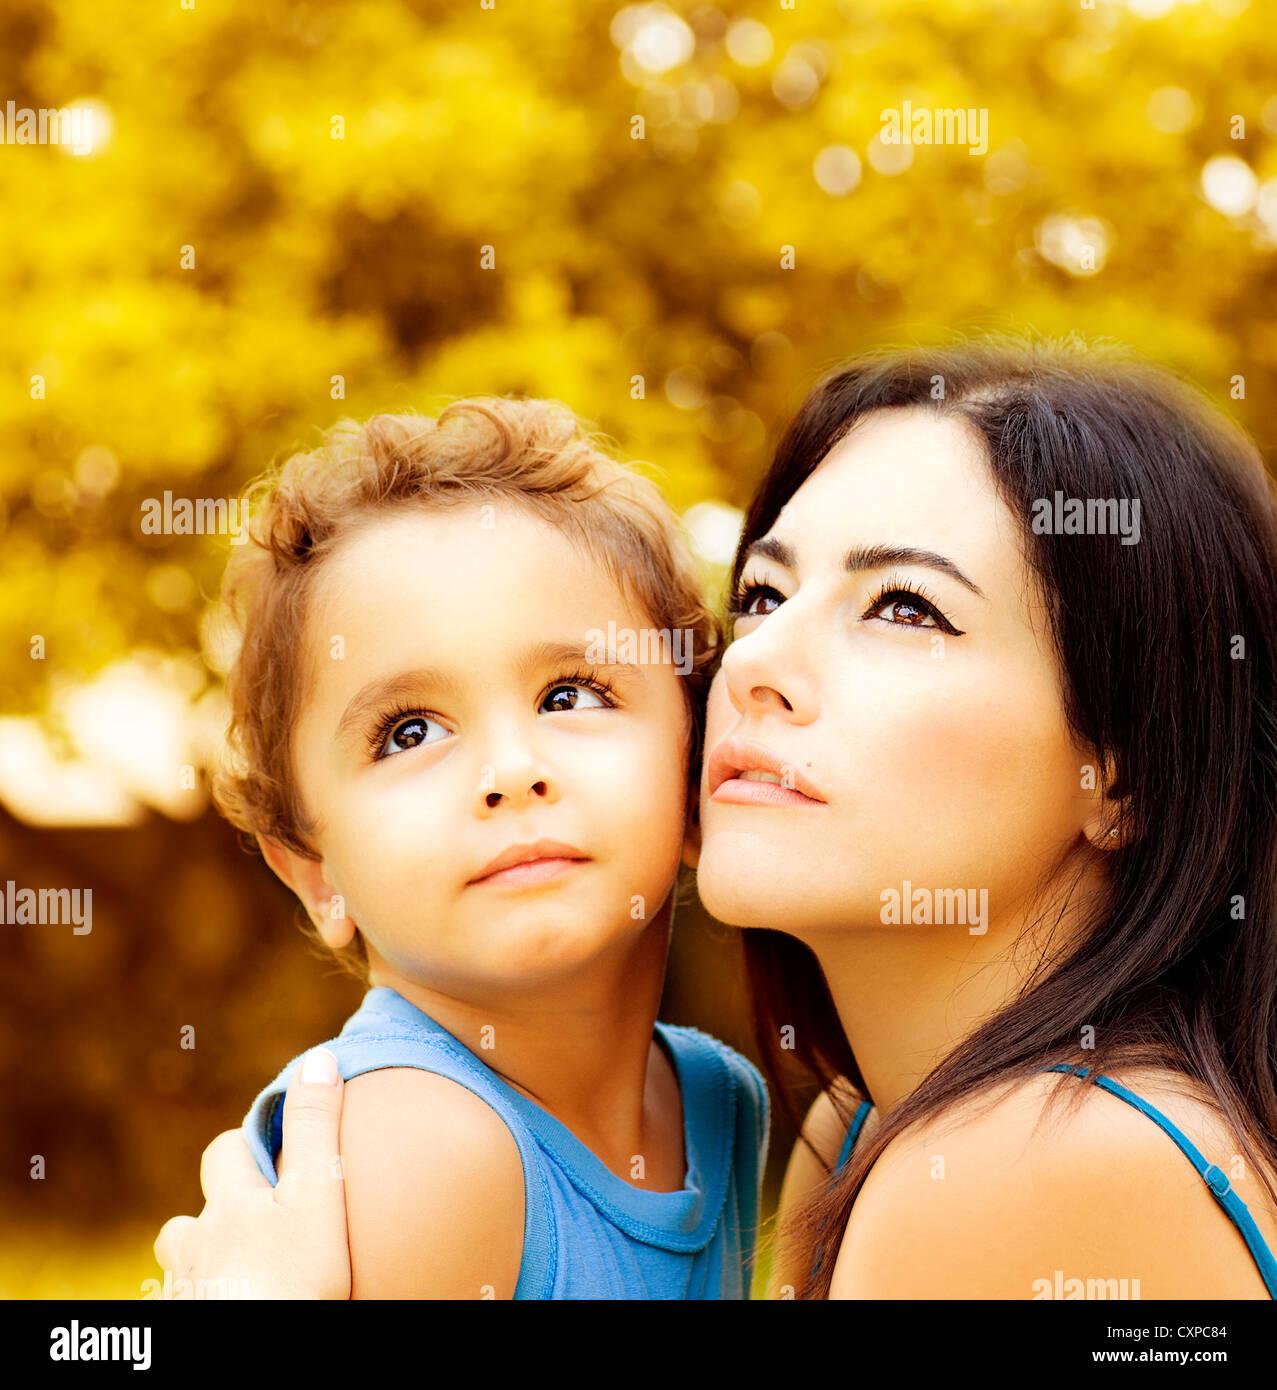 Immagine Del Simpatico Baby Boy Abbraccio La Sua Bella Mamma In Autunno Park Closeup Ritratto Di Giovane Donna Araba Con Figlio Guardando Alto